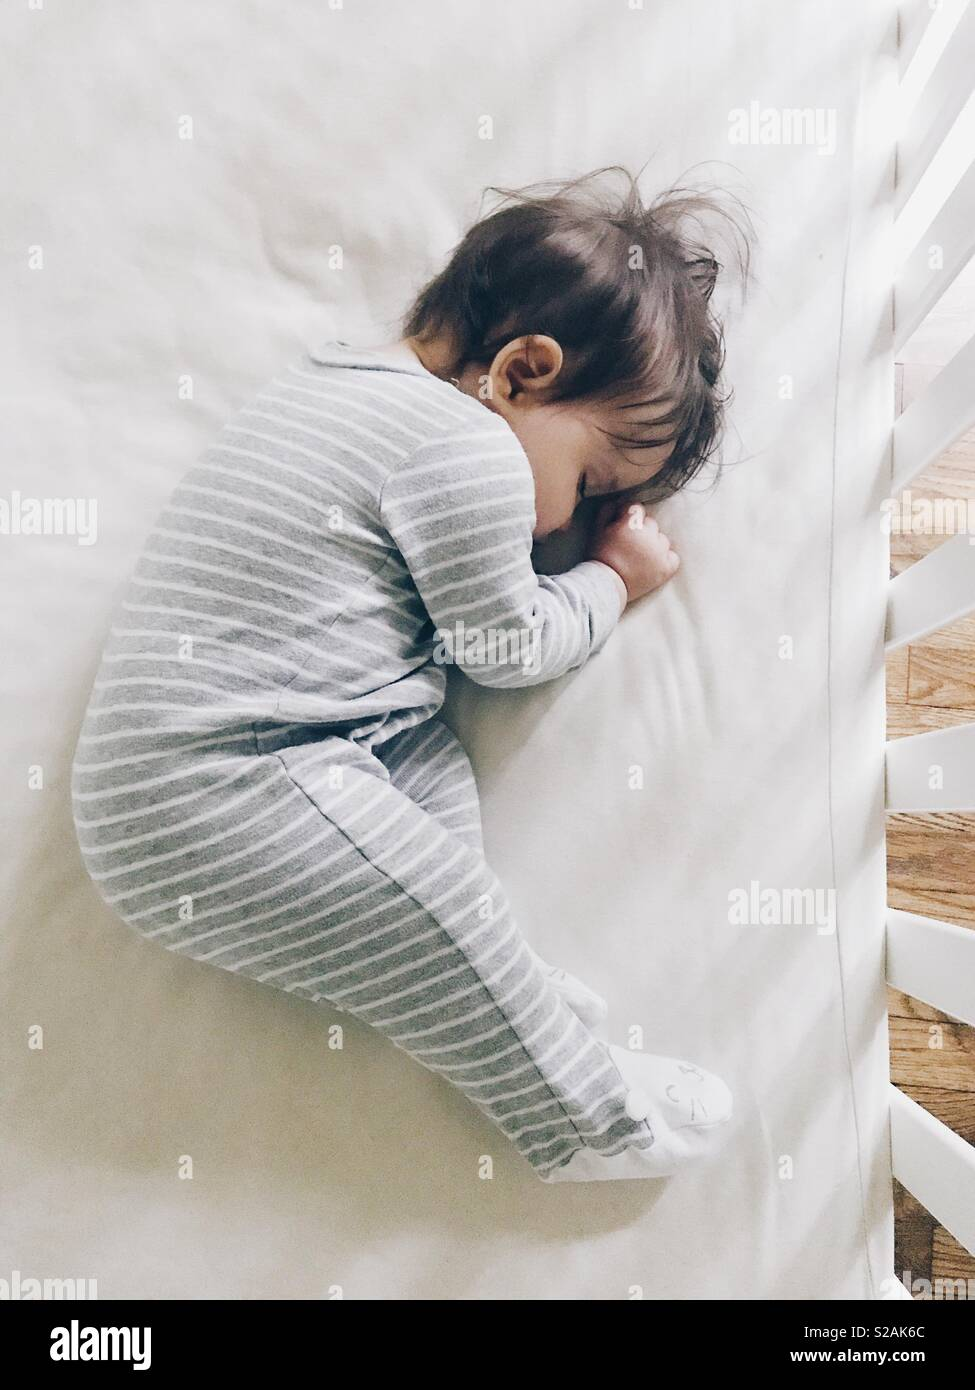 Una giovane ragazza bambino avvolto a ricciolo addormentato nella sua culla. Immagini Stock